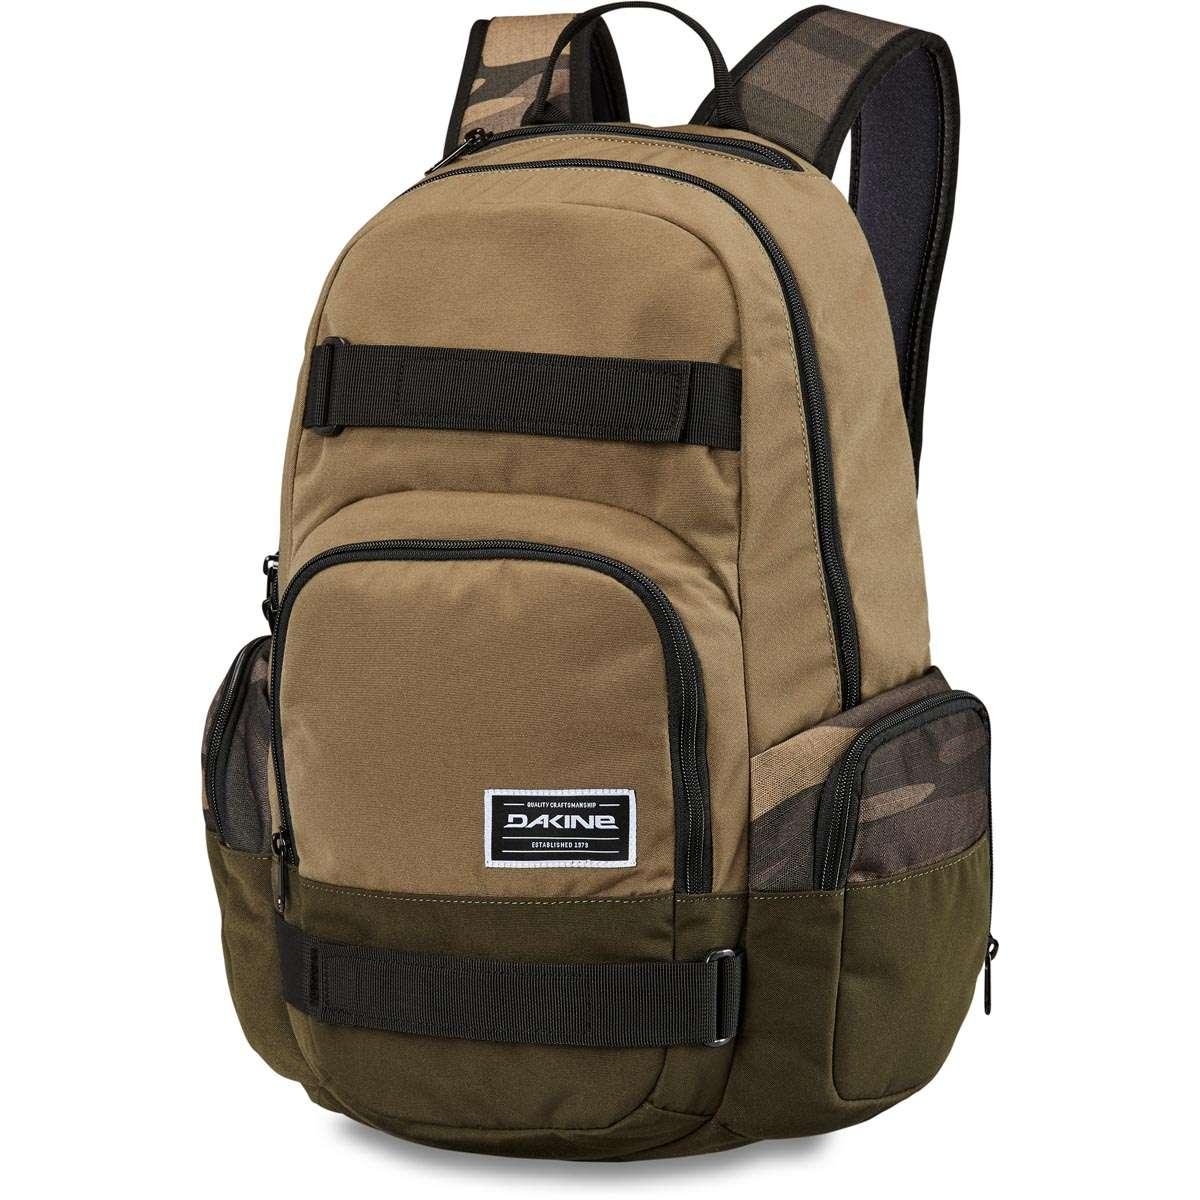 d93b6e4f075 Dakine Atlas 25L Backpack Field Camo | Dakine Shop